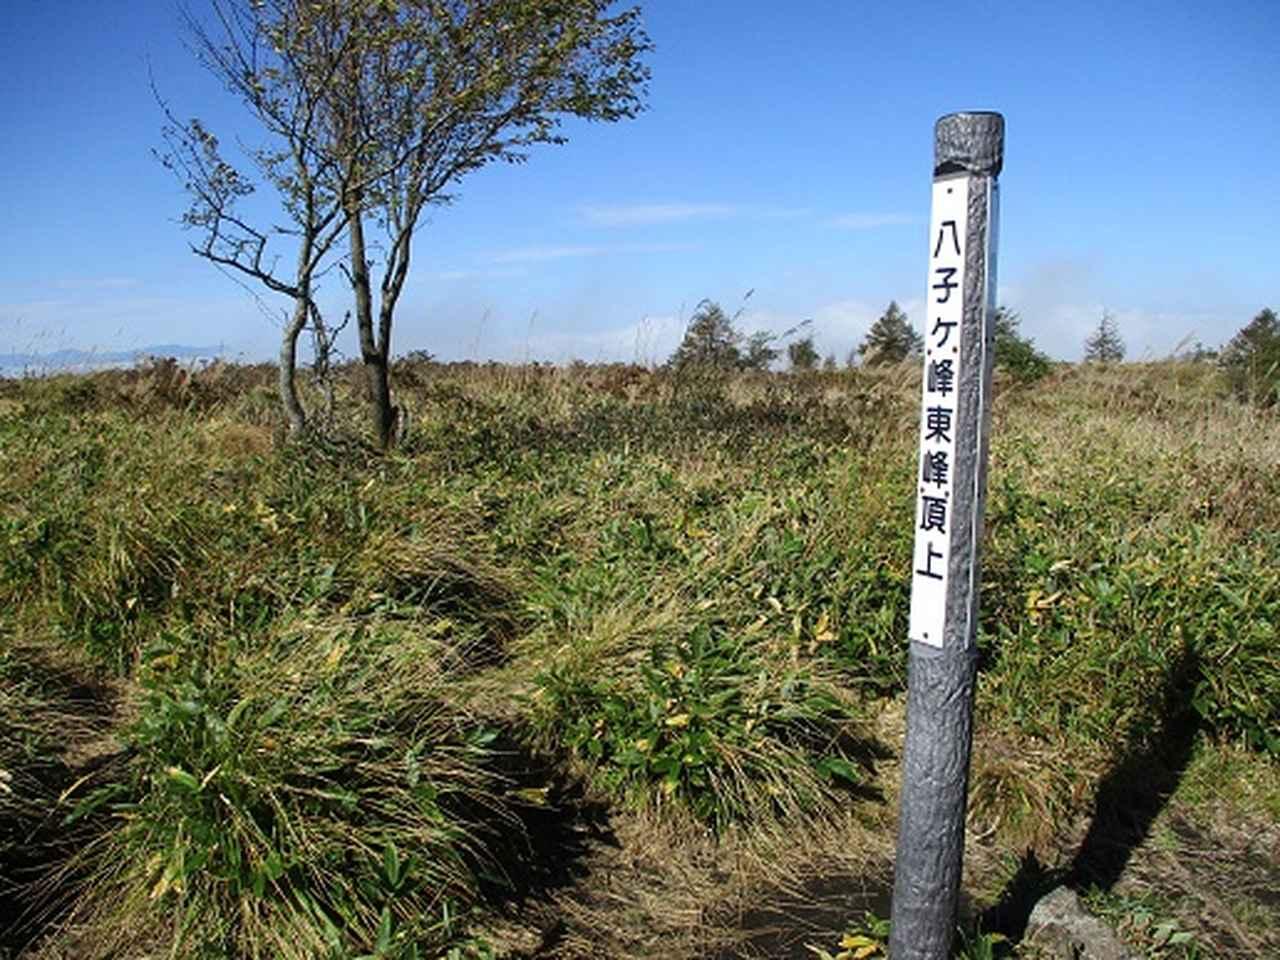 画像5: 【山旅会・登山ガイドこだわりツアー】岡田ガイドからの便り・八子ヶ峰ツアーの下見にいってまいりました!